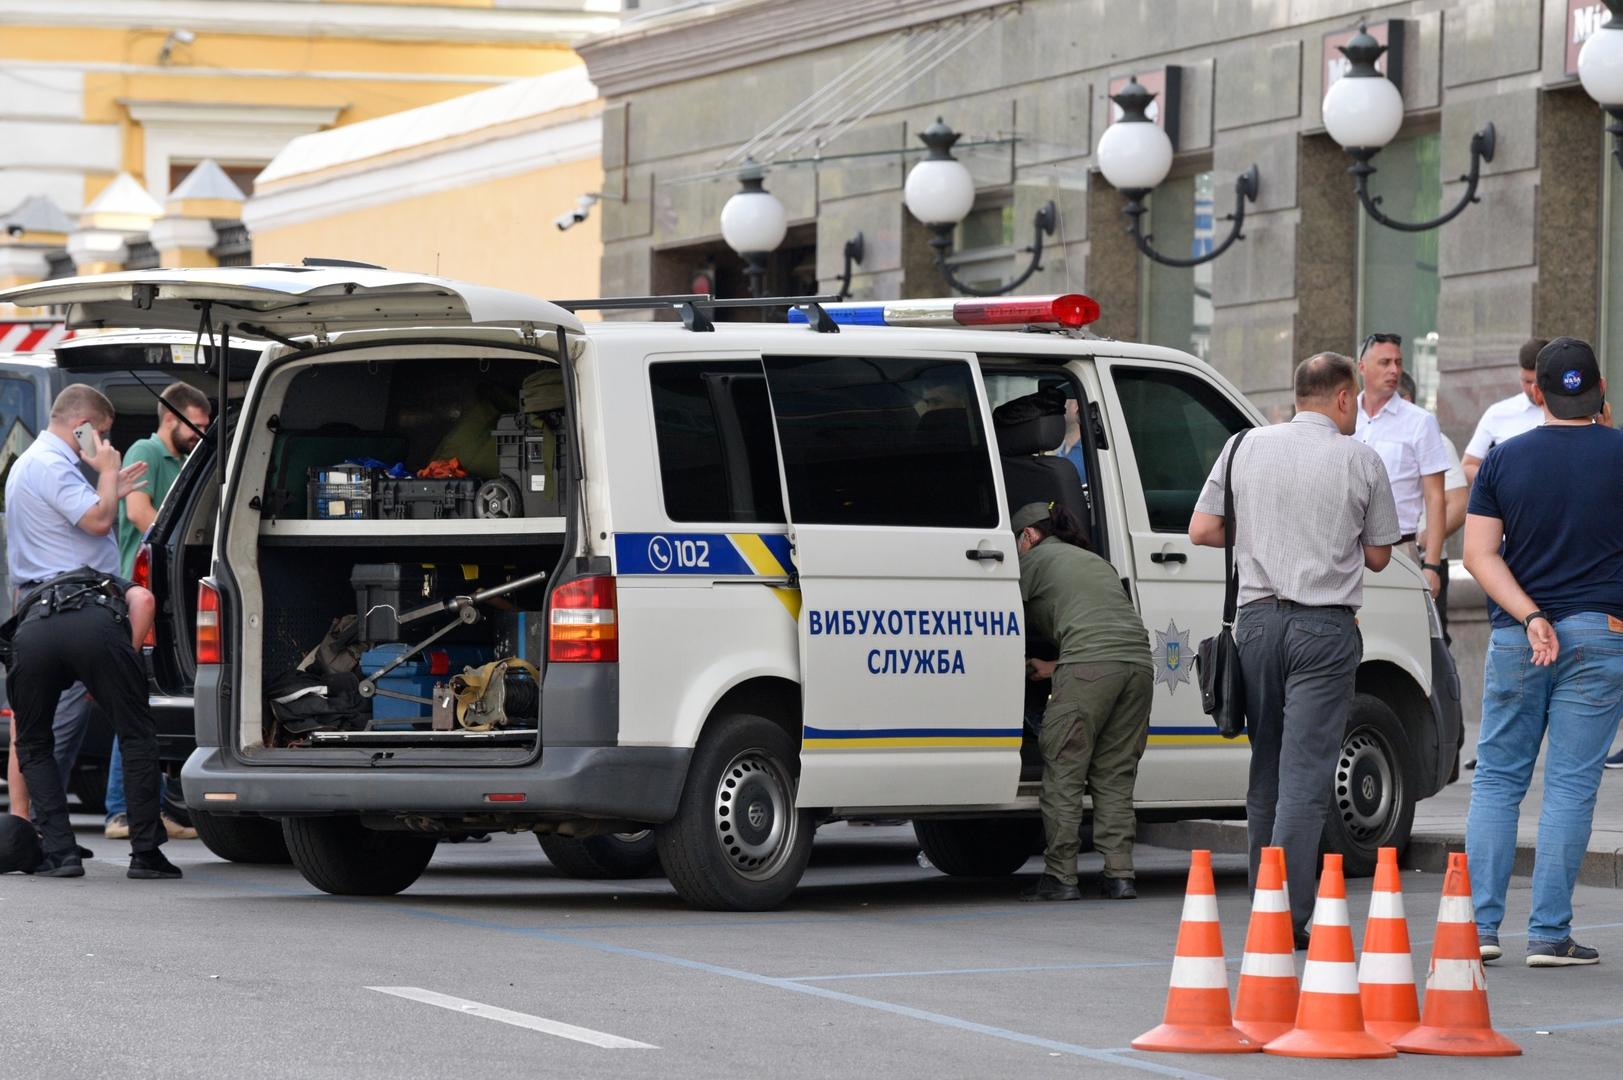 قوات الأمن الأوكرانية تعتقل رجلا هدد بتفجير قنبلة داخل مقر الحكومة